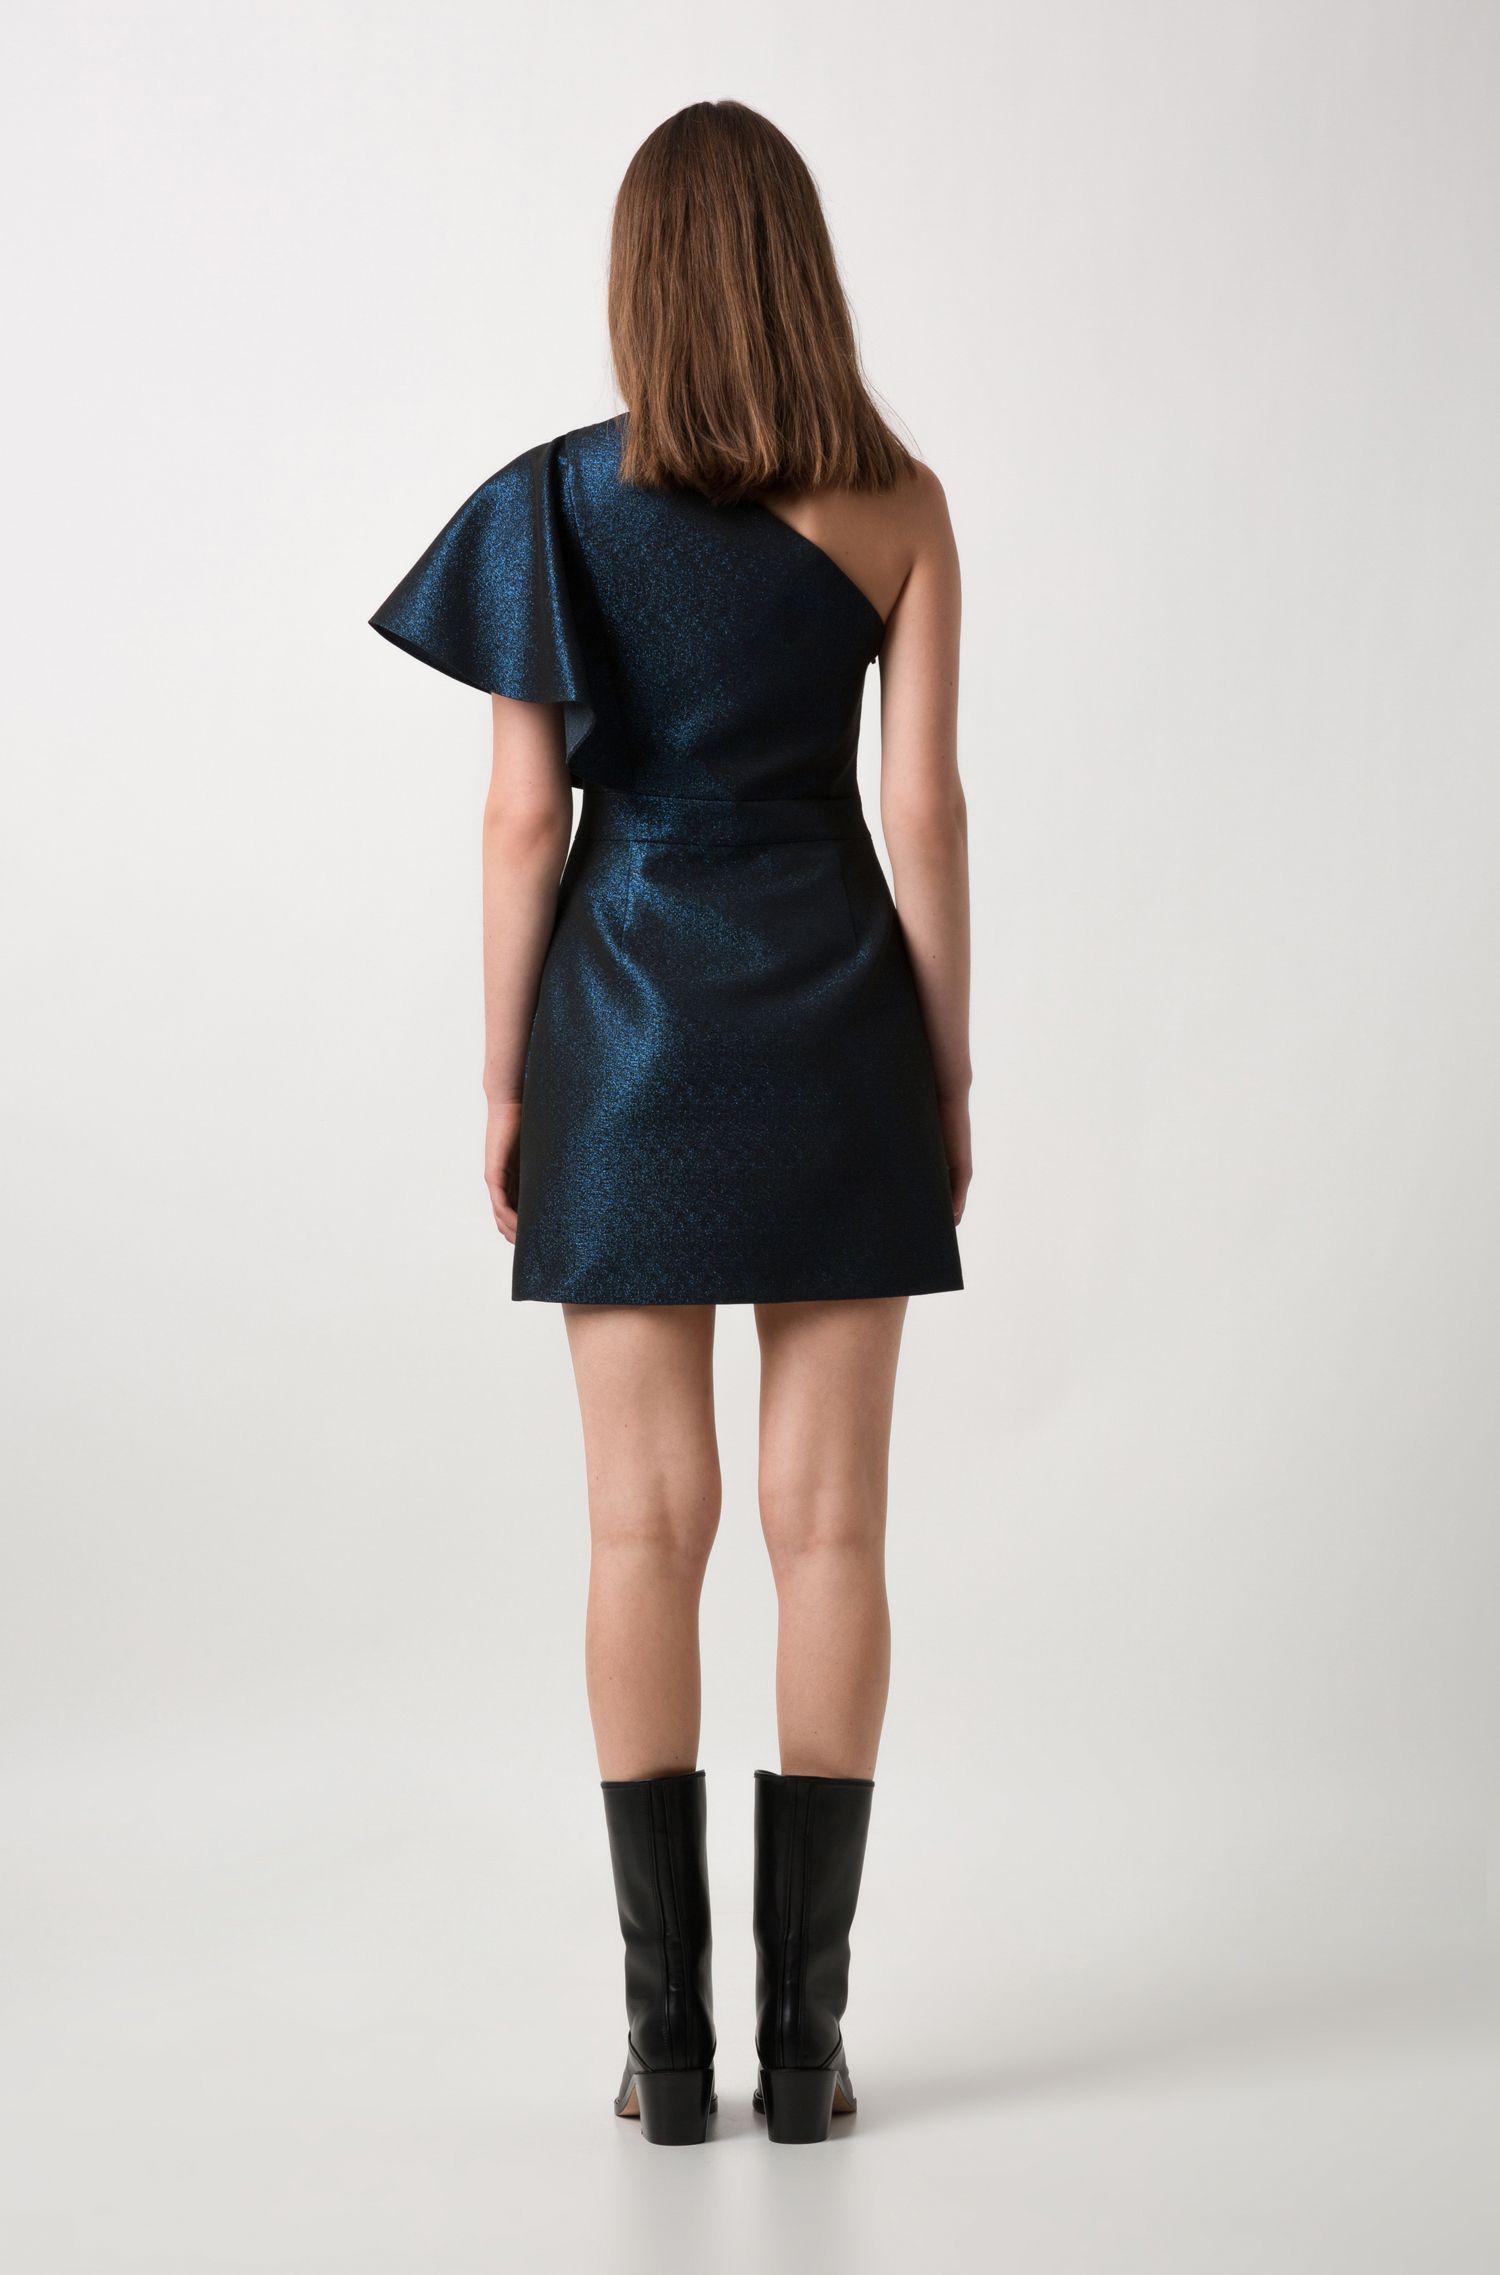 Regular-fit one-shoulder evening dress in sparkly jersey, Patterned